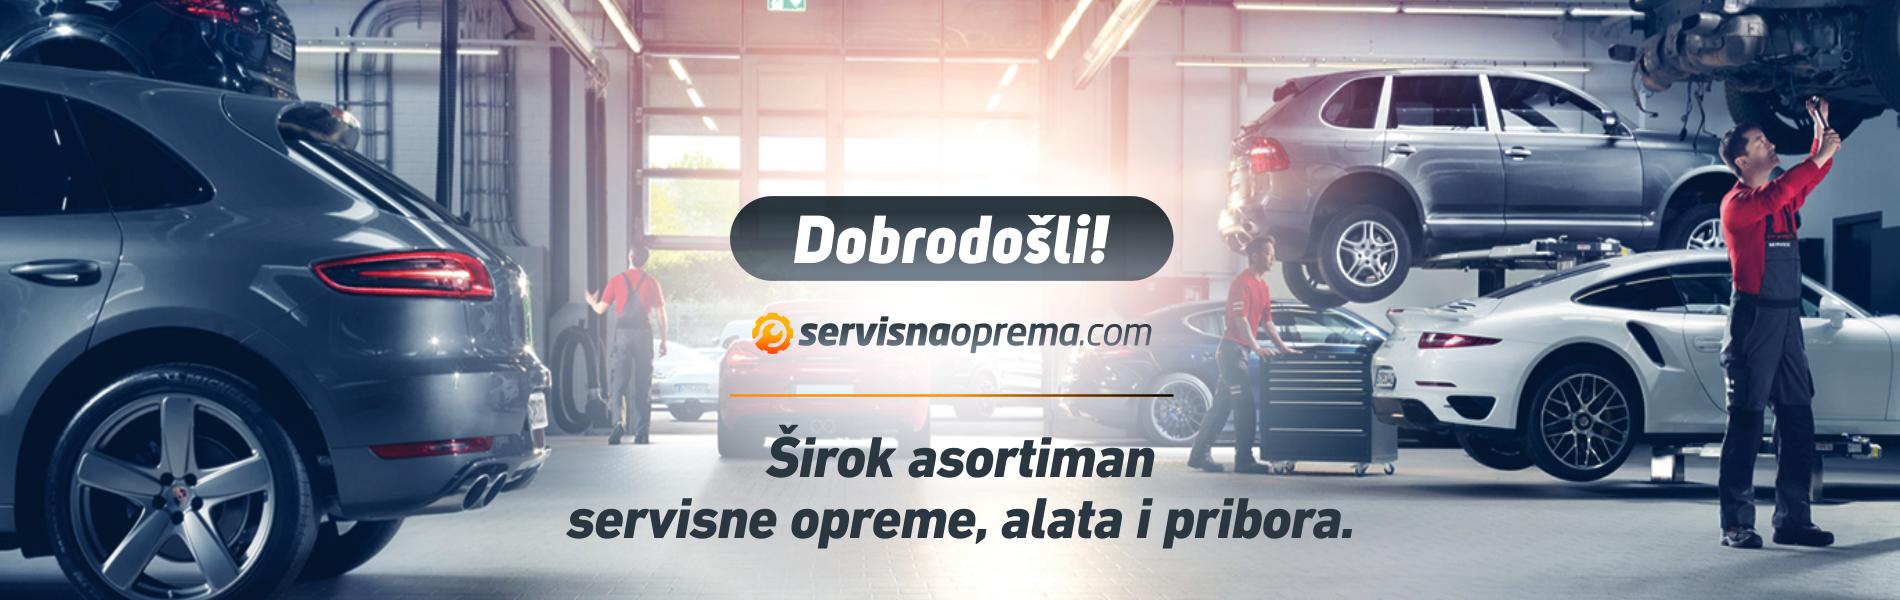 servisna-oprema-slider-radionica-dobrodosli